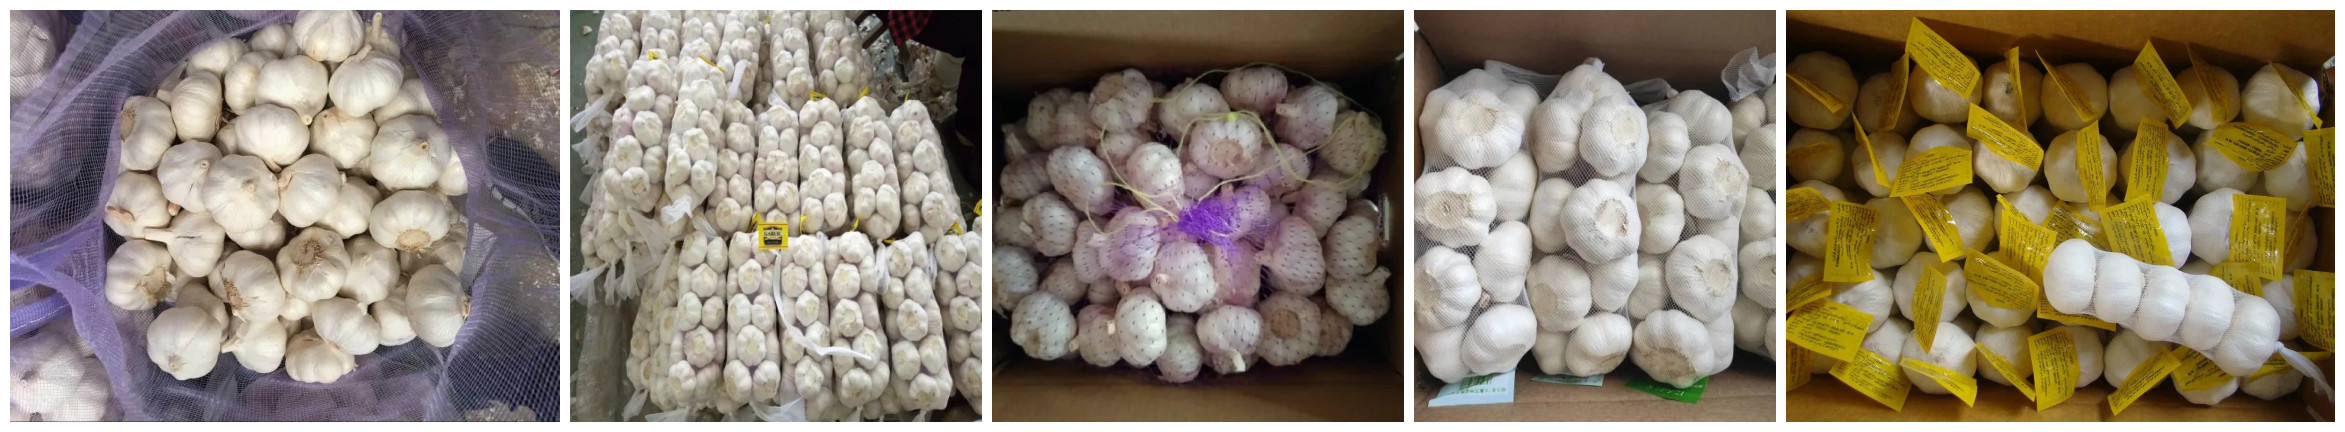 garlic packing